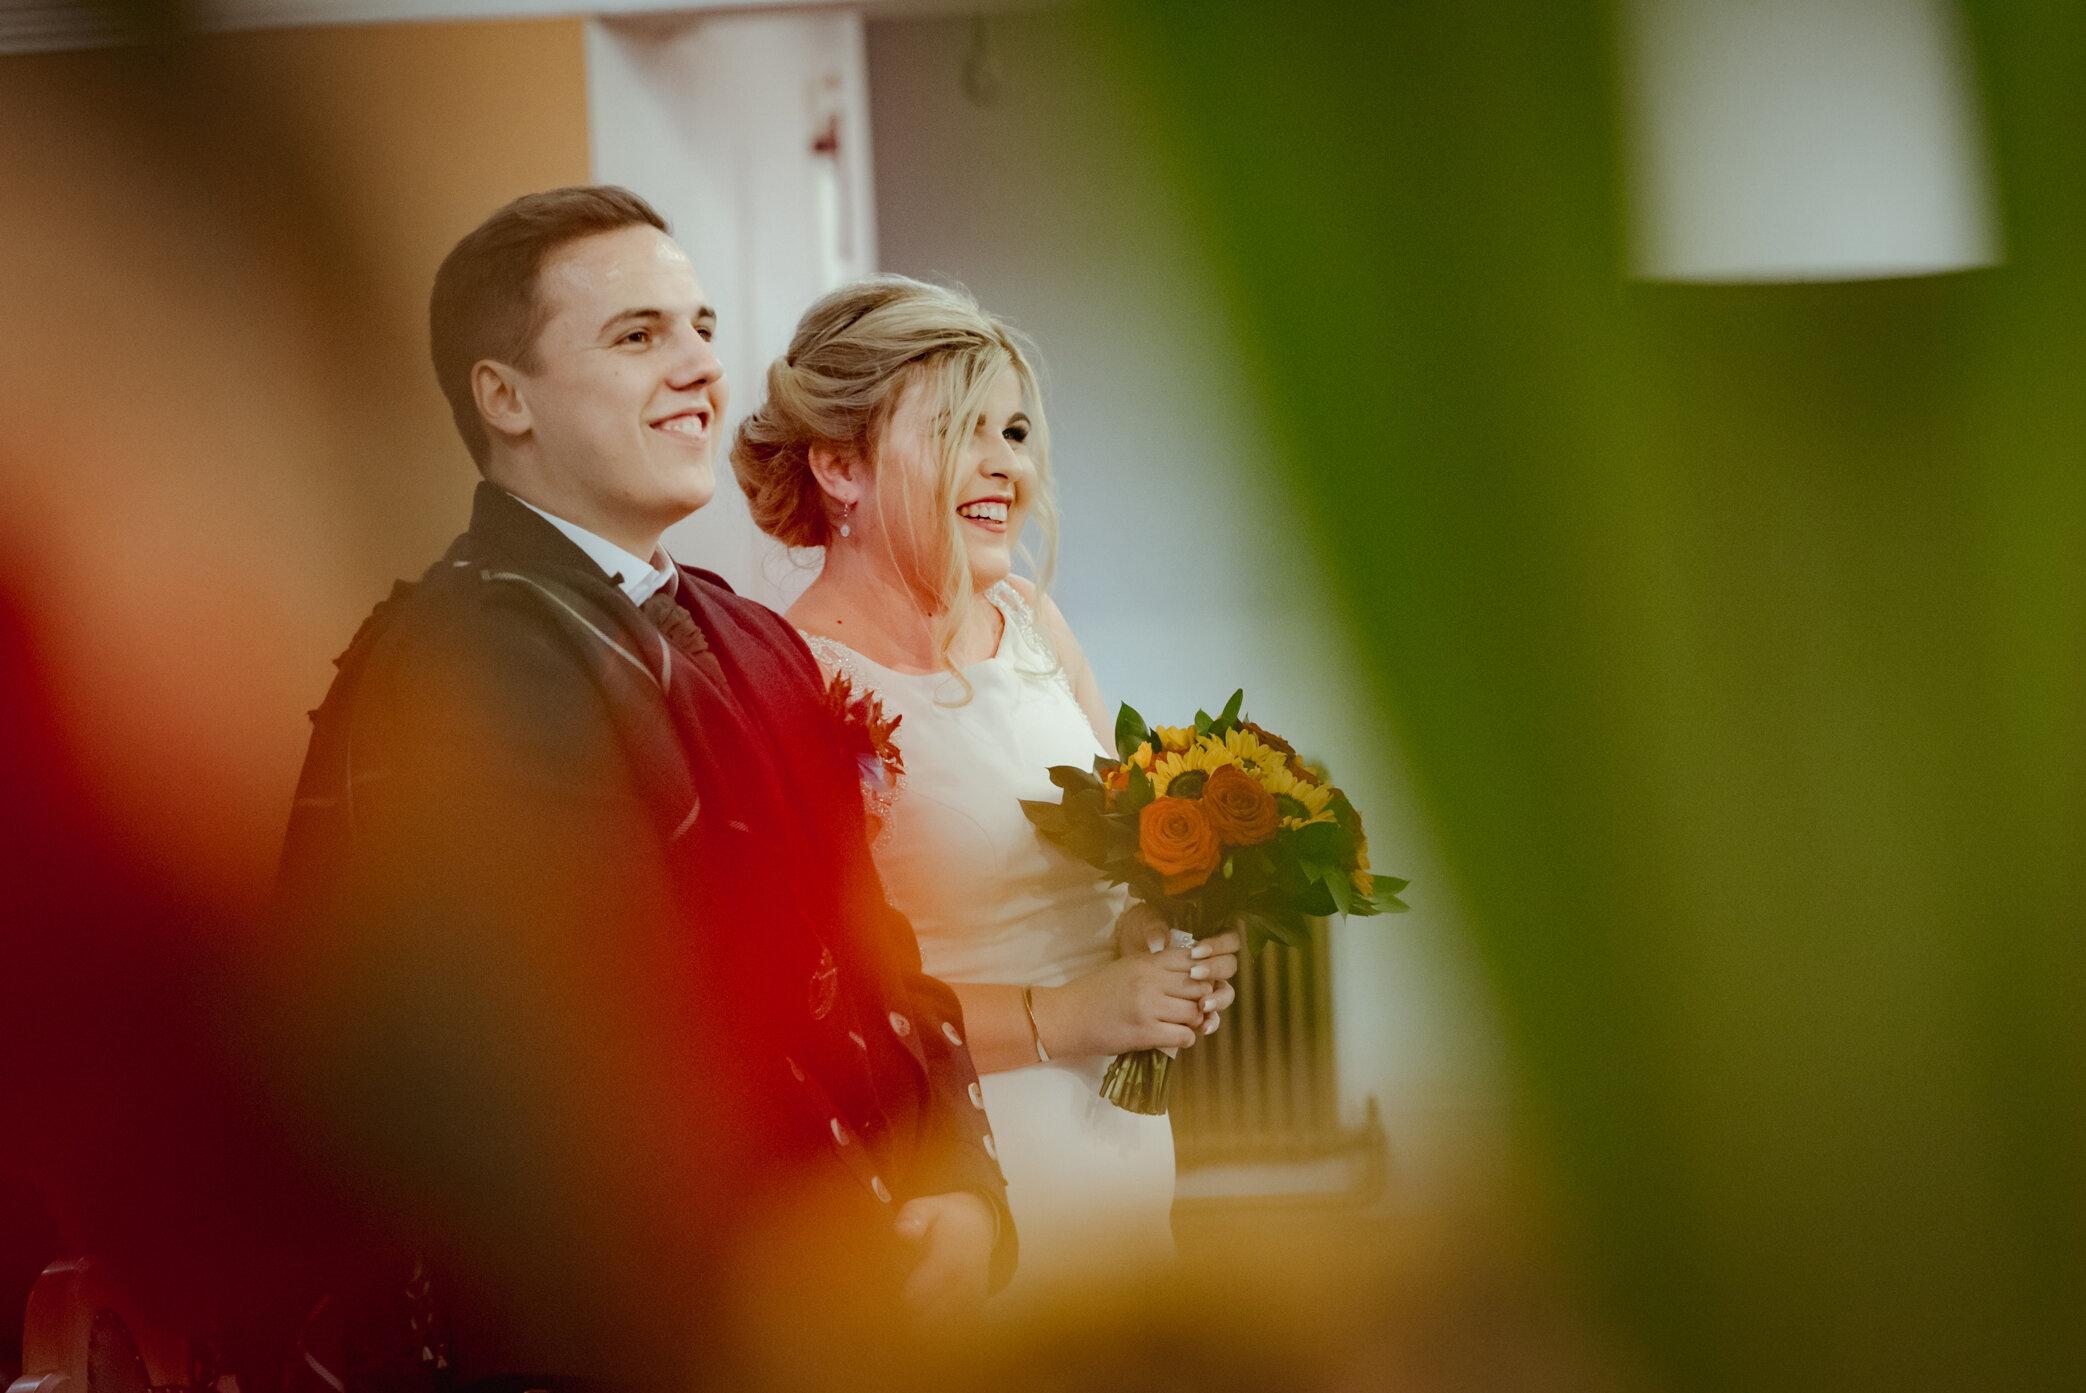 natural-wedding-photography-dumbarton (8).jpg